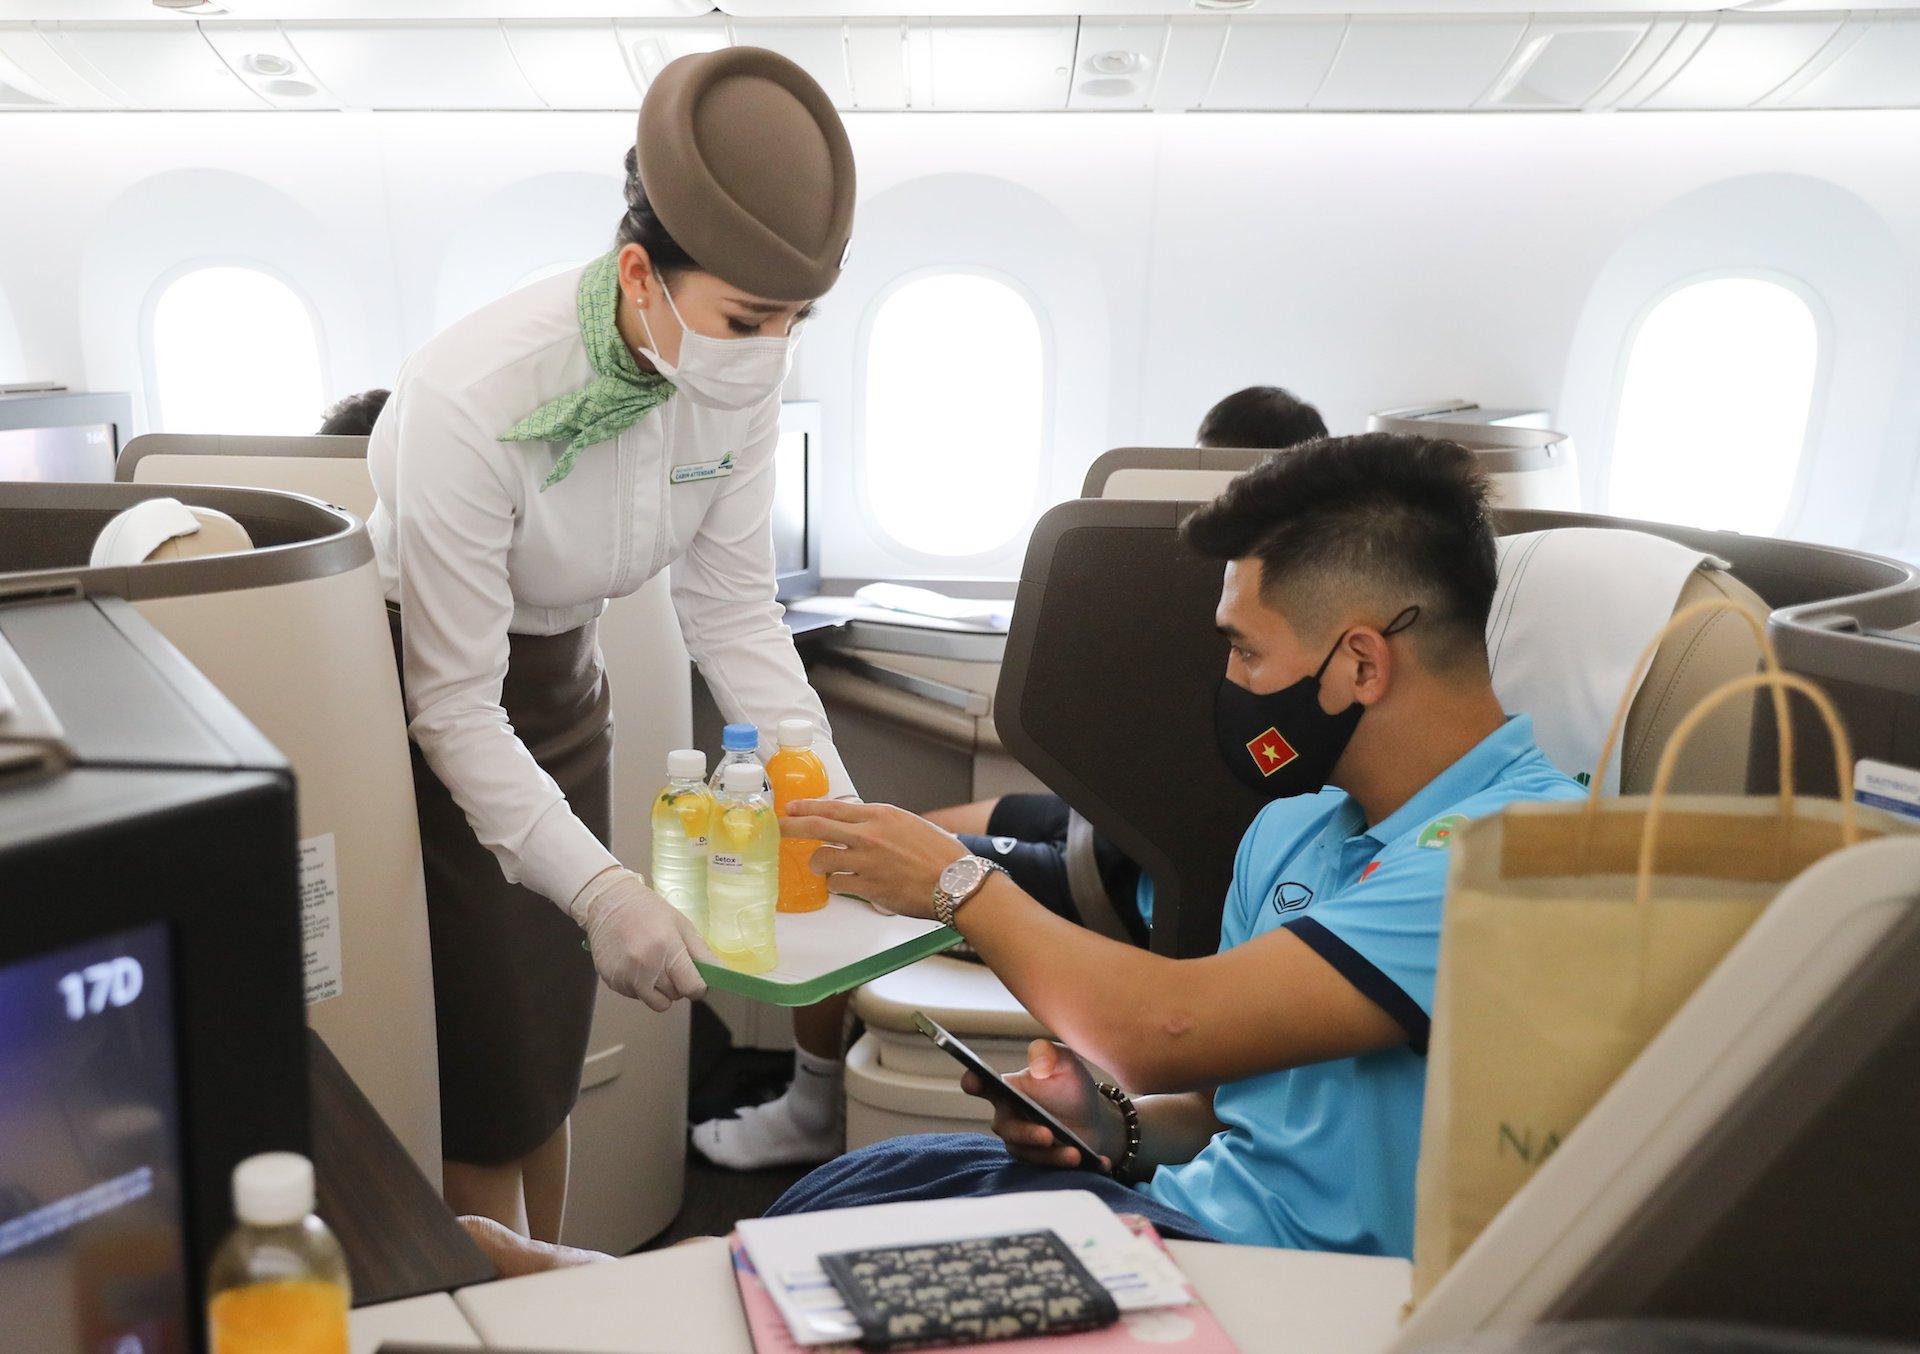 """Bamboo Airways tung dịch vụ bao trọn chuyên cơ/chuyên khoang thương gia – thêm lựa chọn bay an toàn cho khách """"doanh nhân"""""""